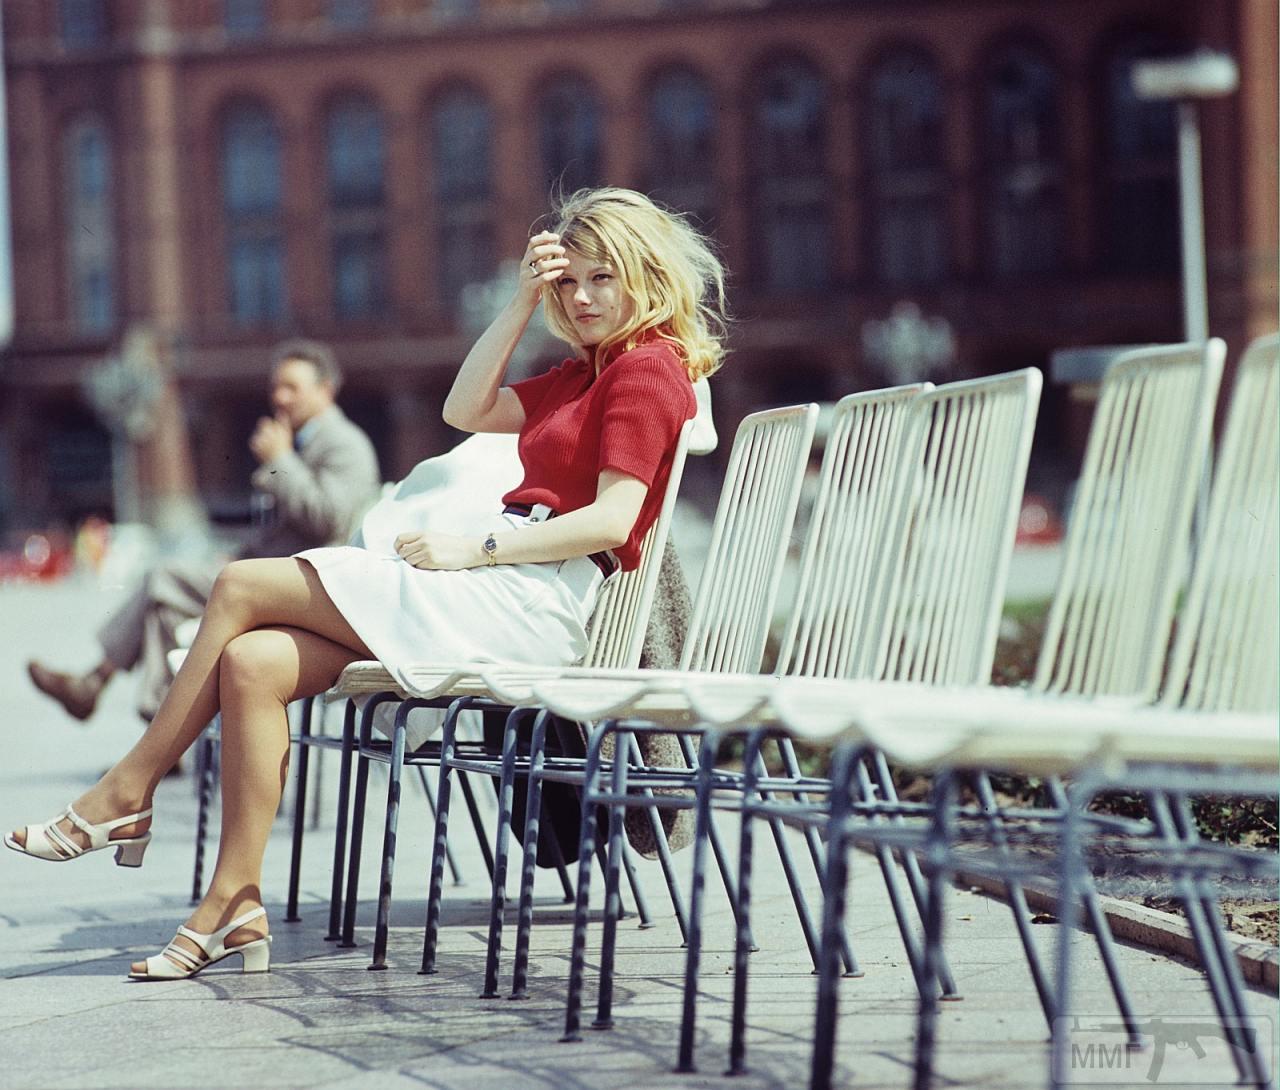 102808 - Короткий ролик - тема о ГДР